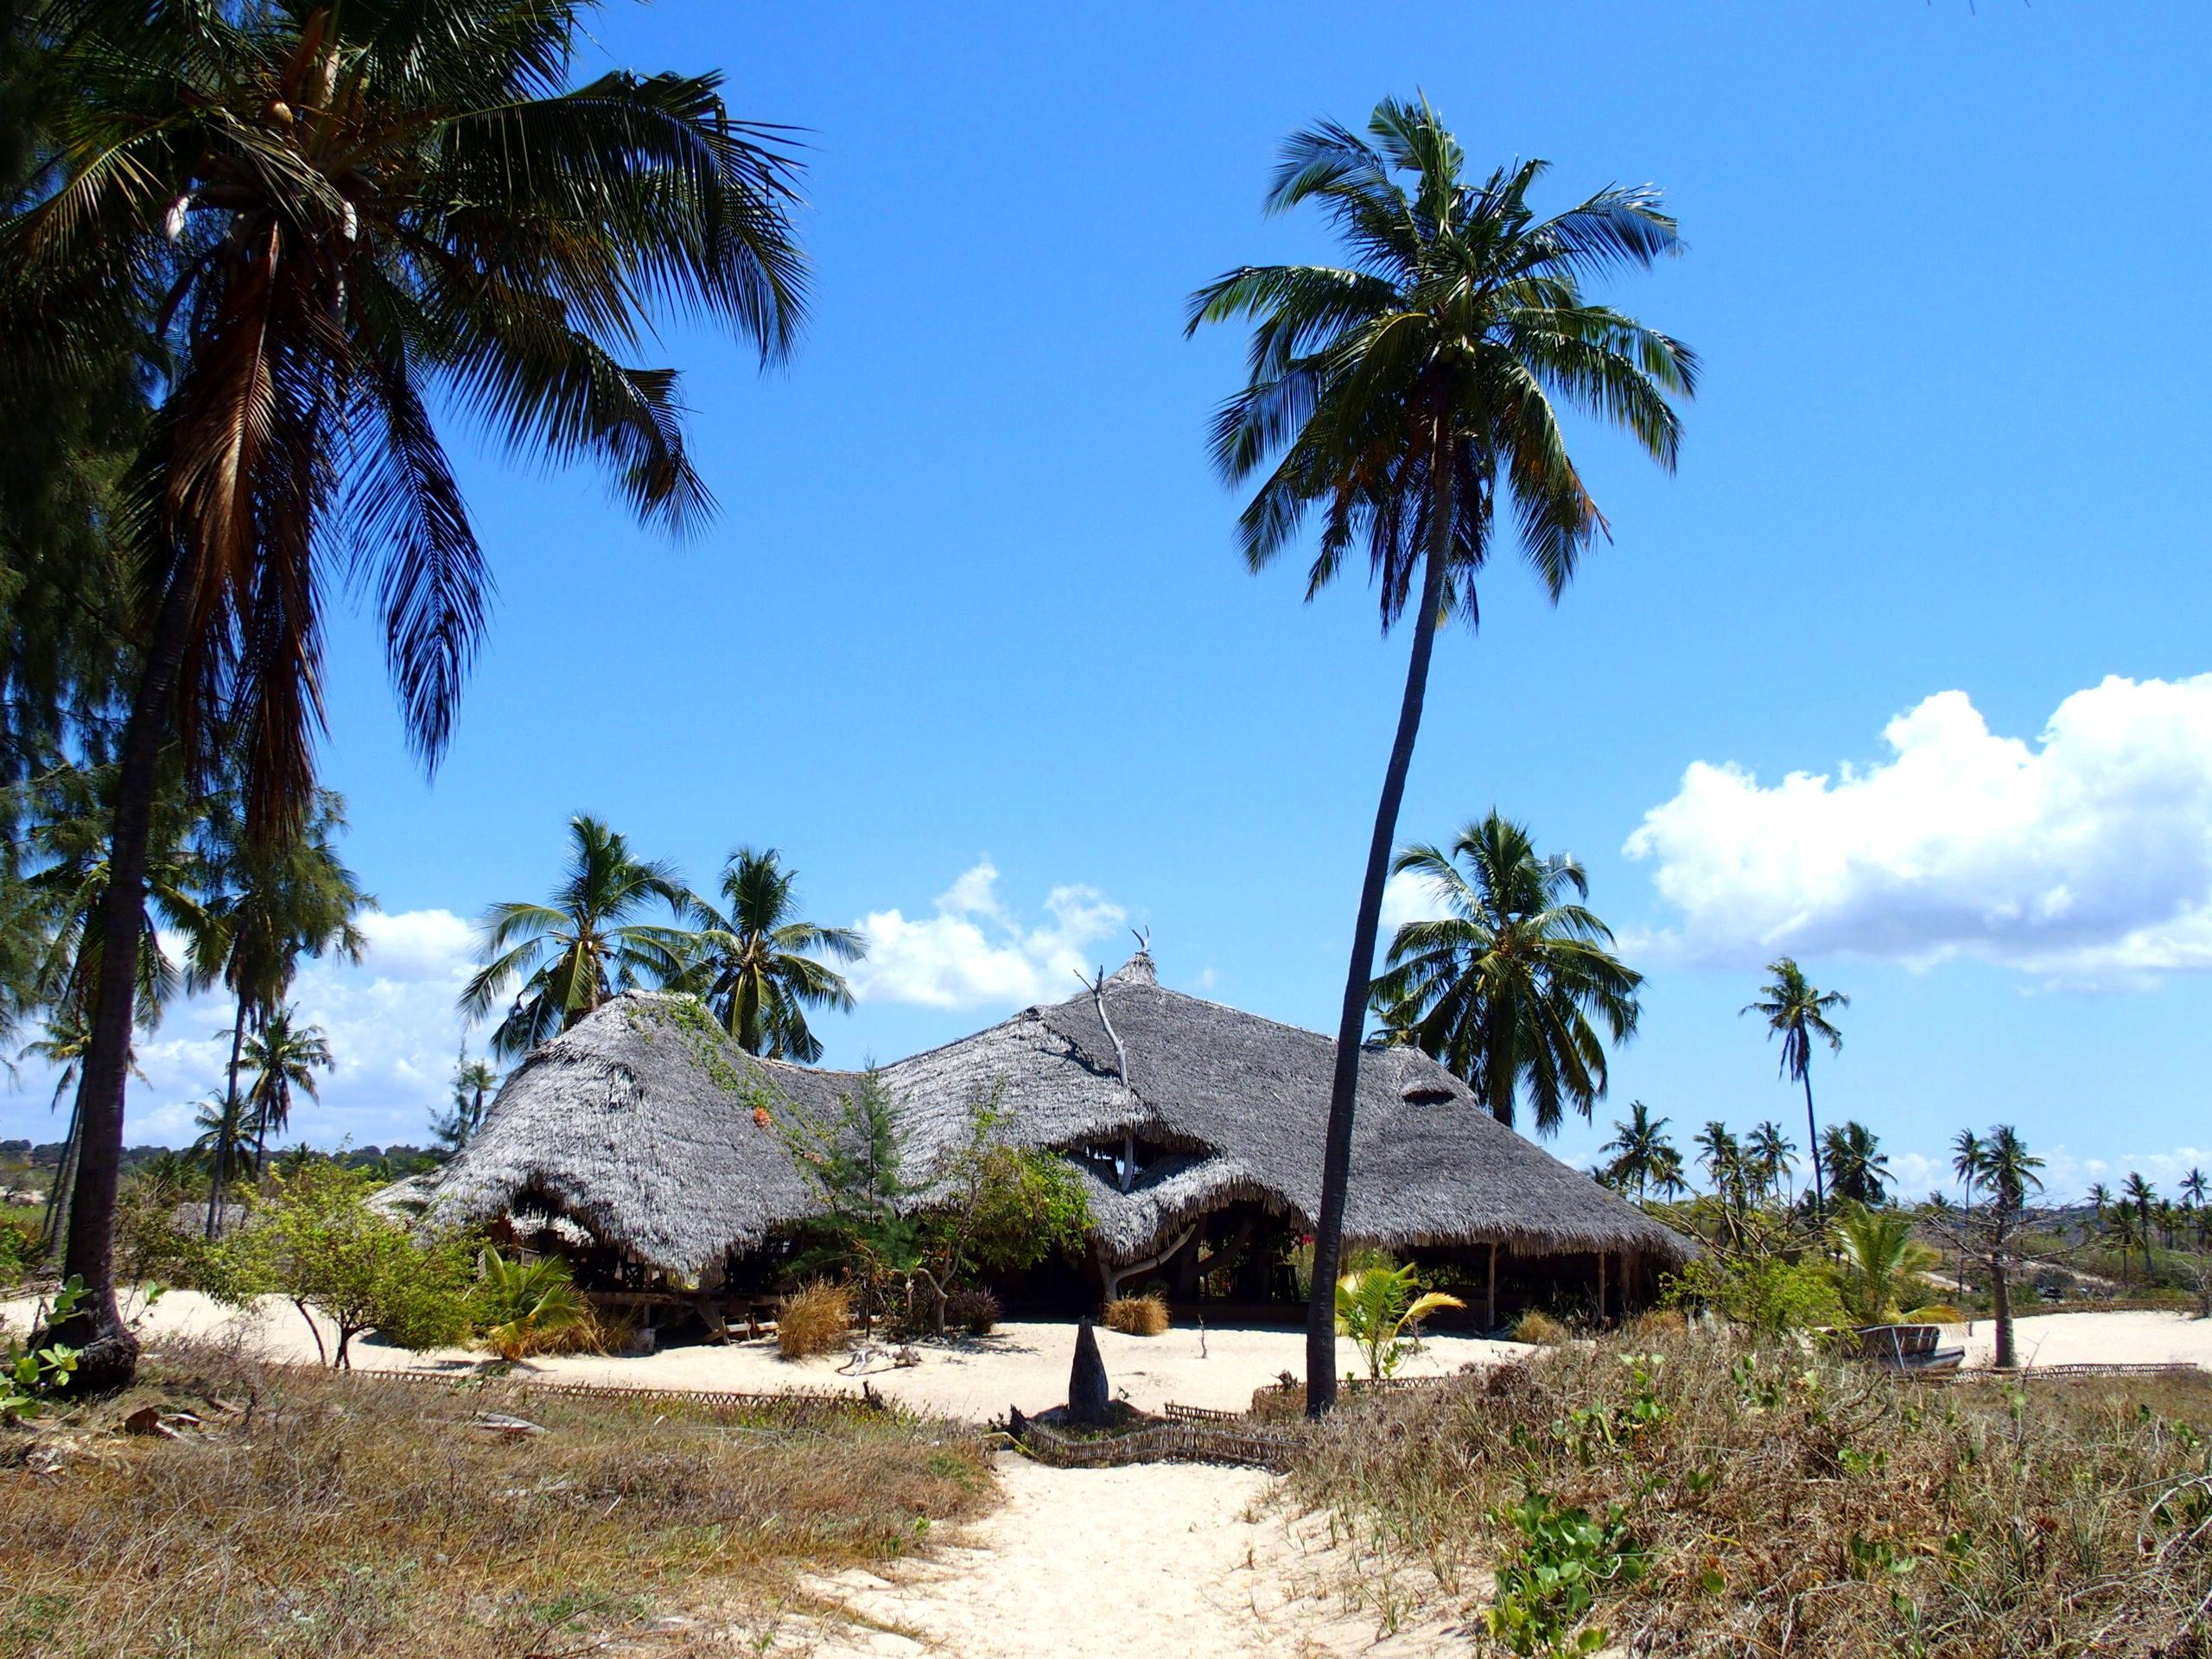 Ulala lodge construit en matériaux locaux Mozambique